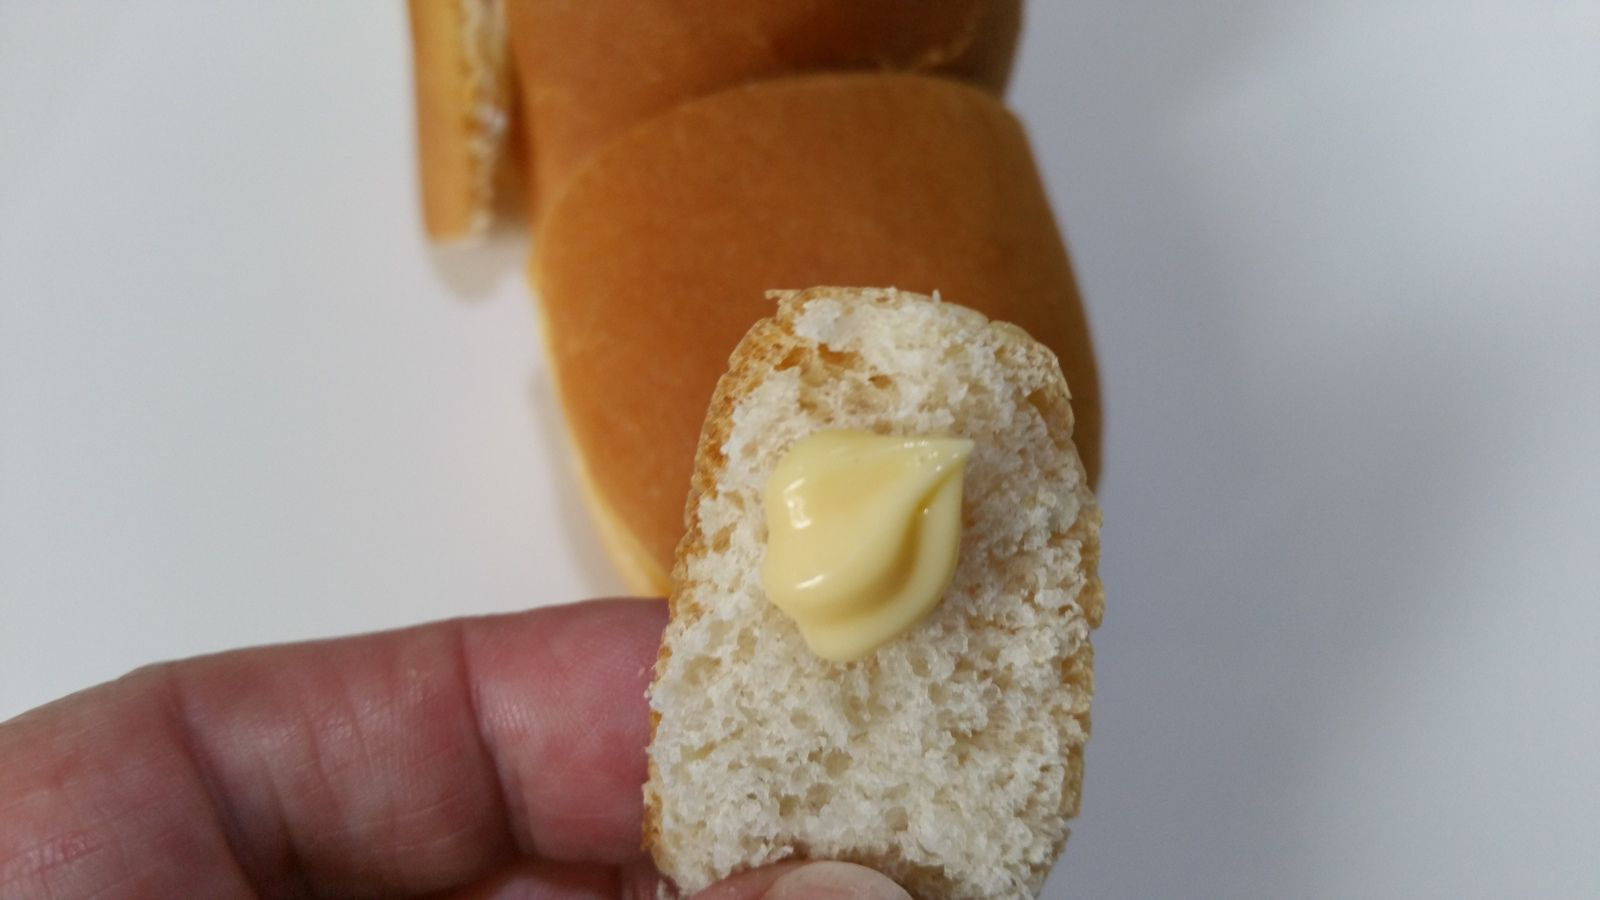 4 - Utiliser des points de mayonnaise pour coller les yeux, les oreilles et tous les petits éléments